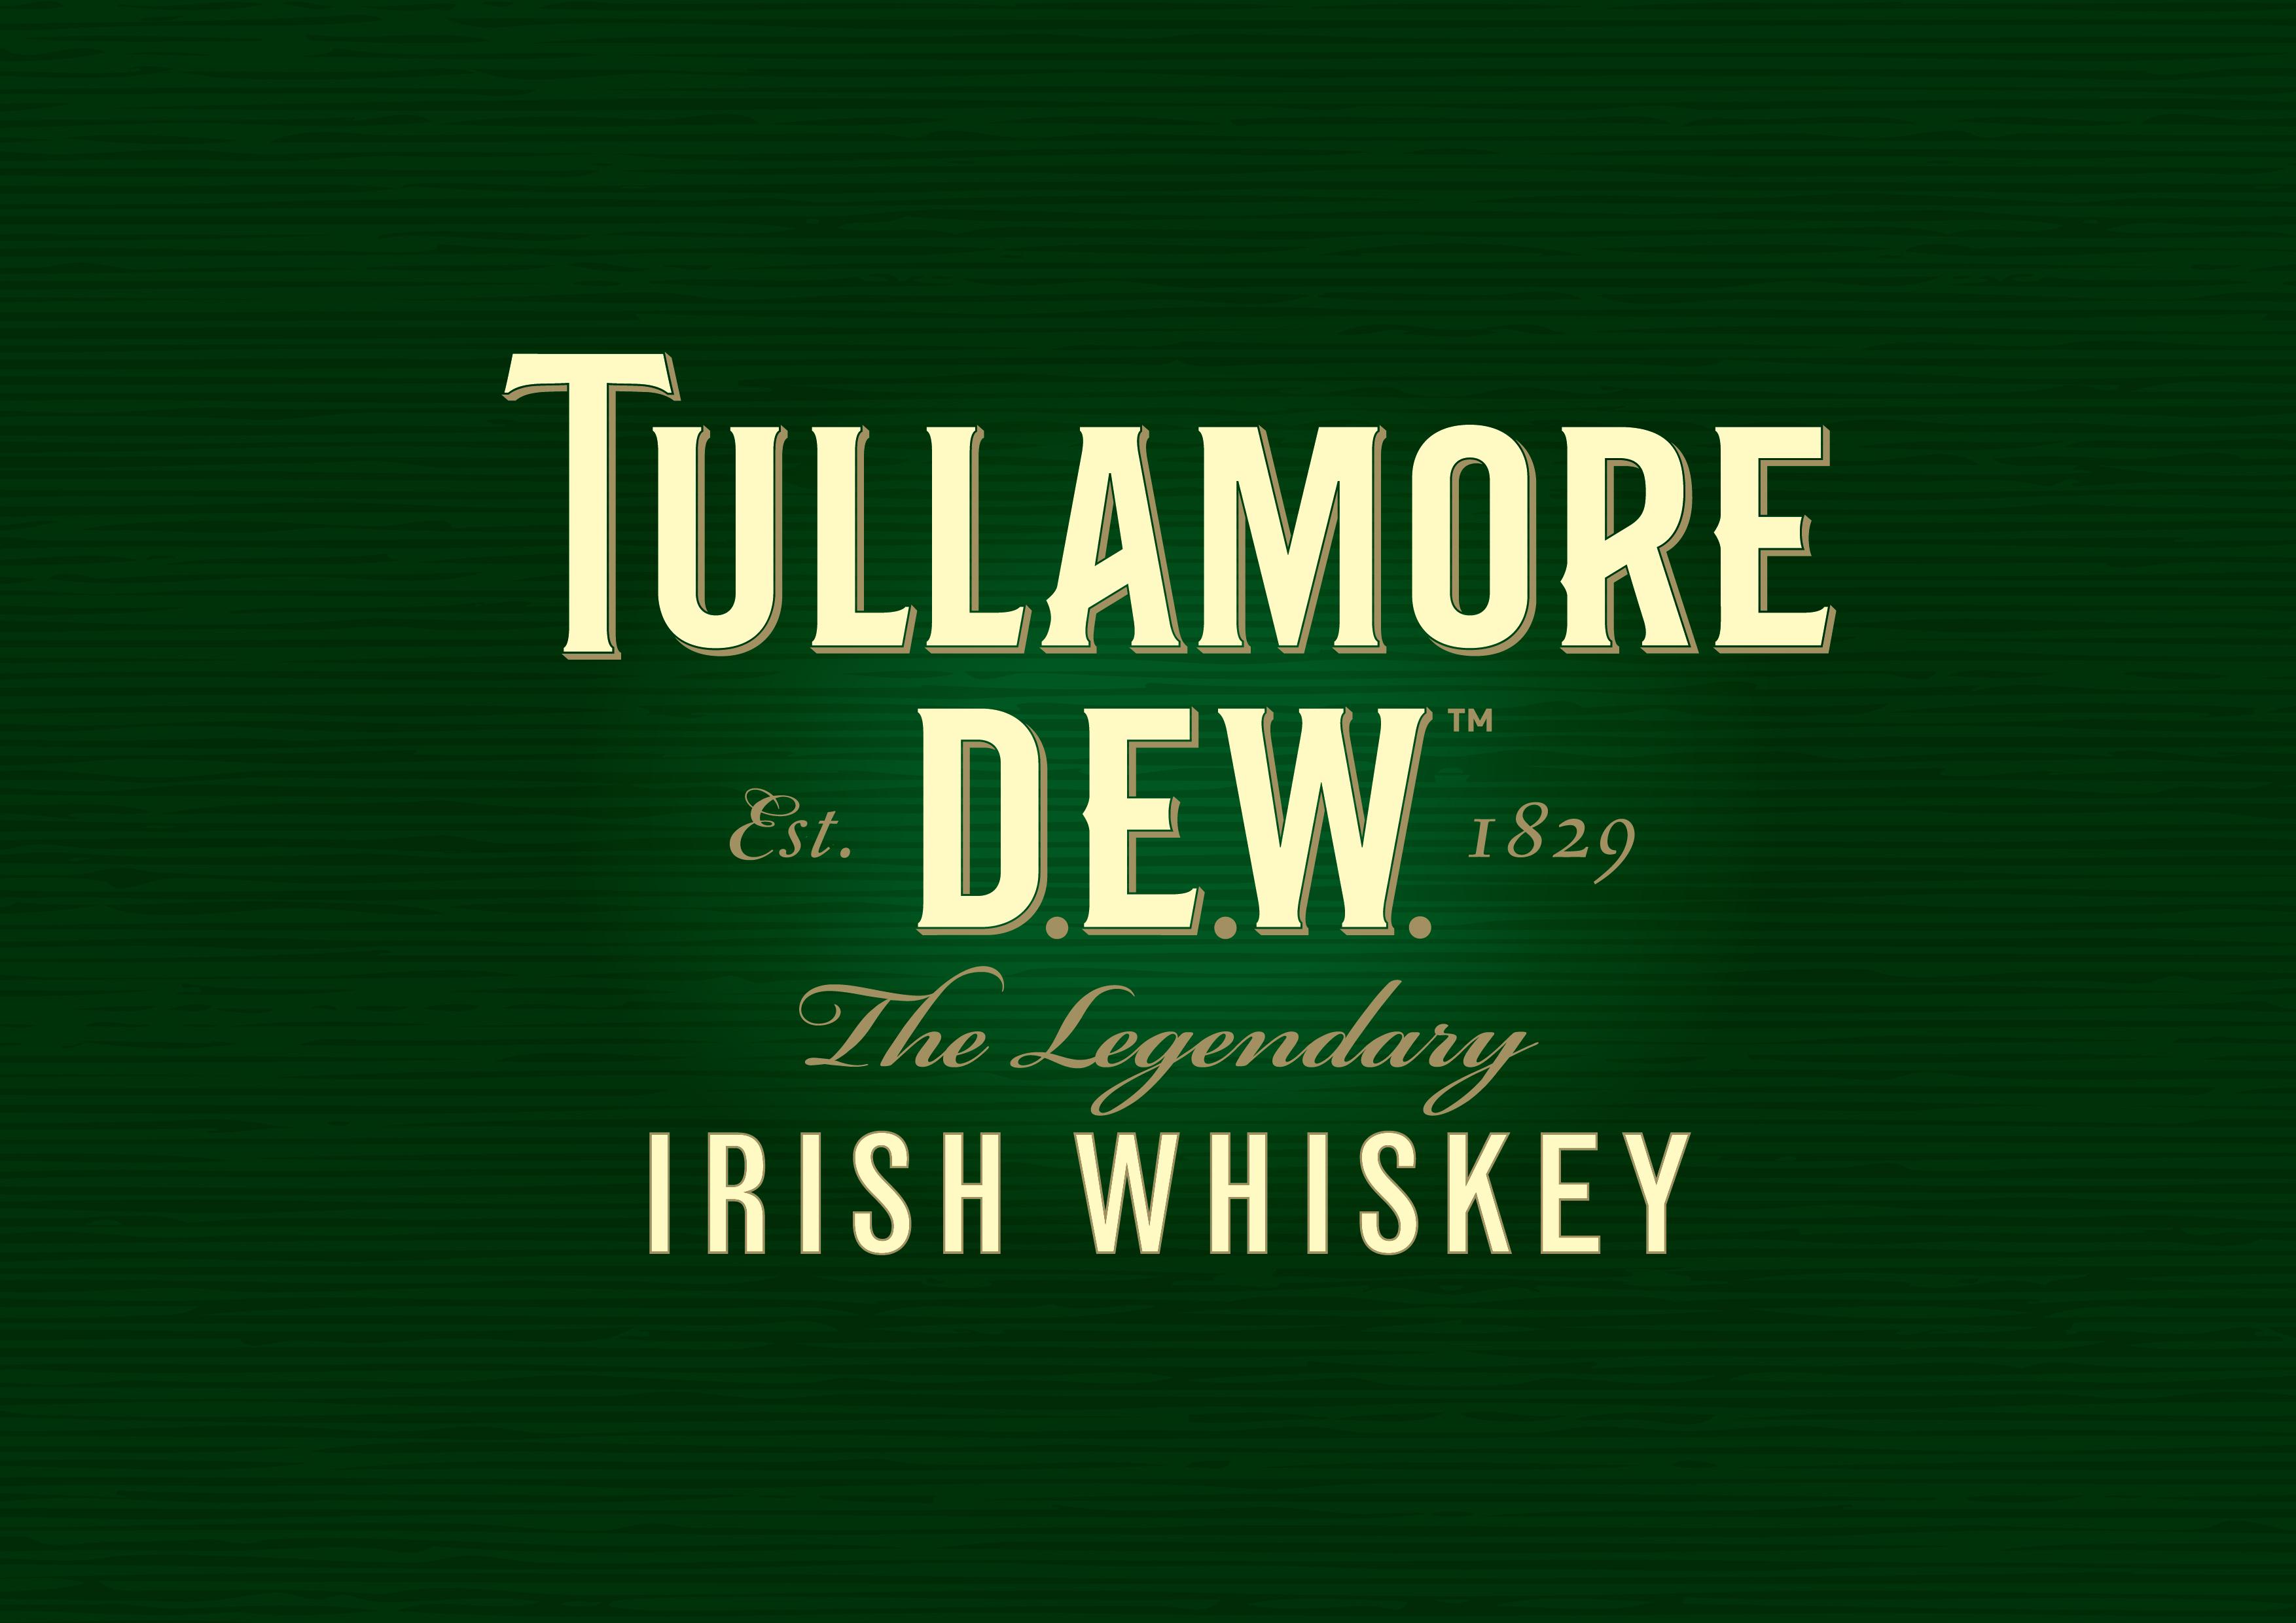 Tullamore dew Logos.